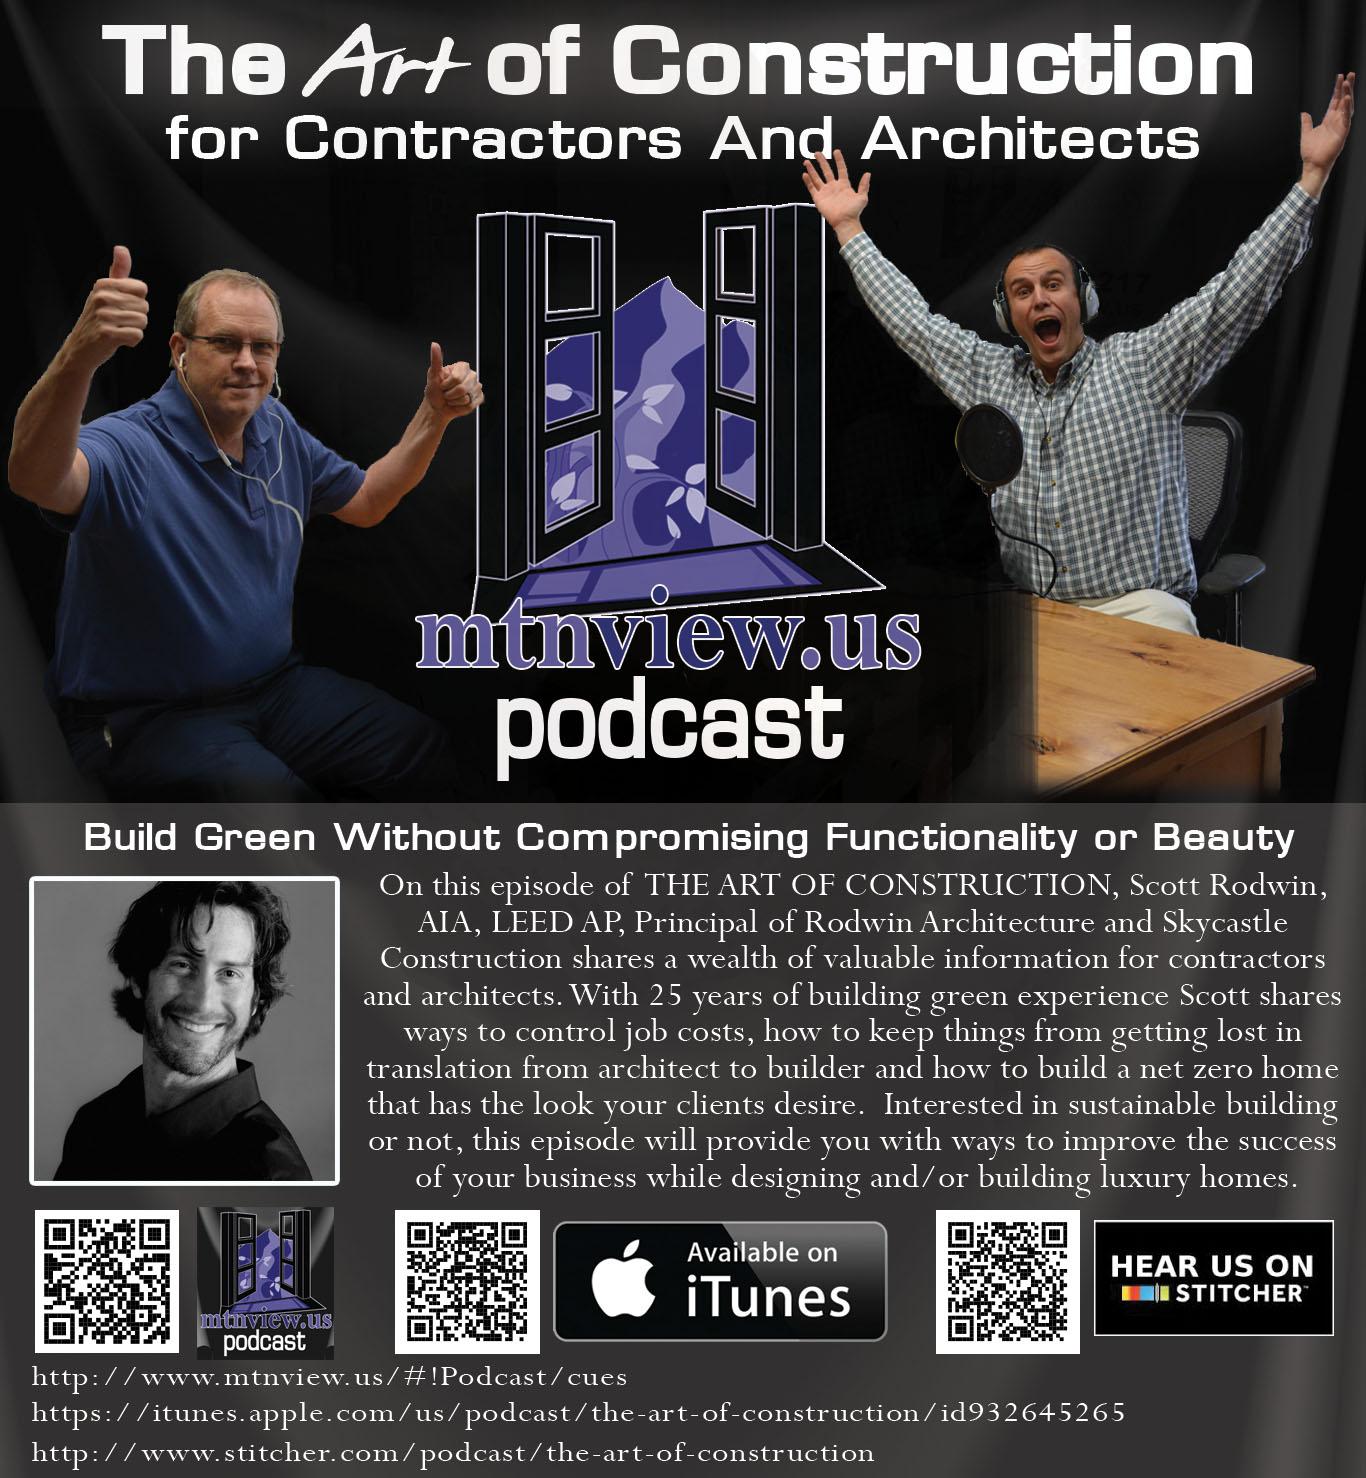 Scott-Rodwin-OnThe-Art-Of-Construction.jpg